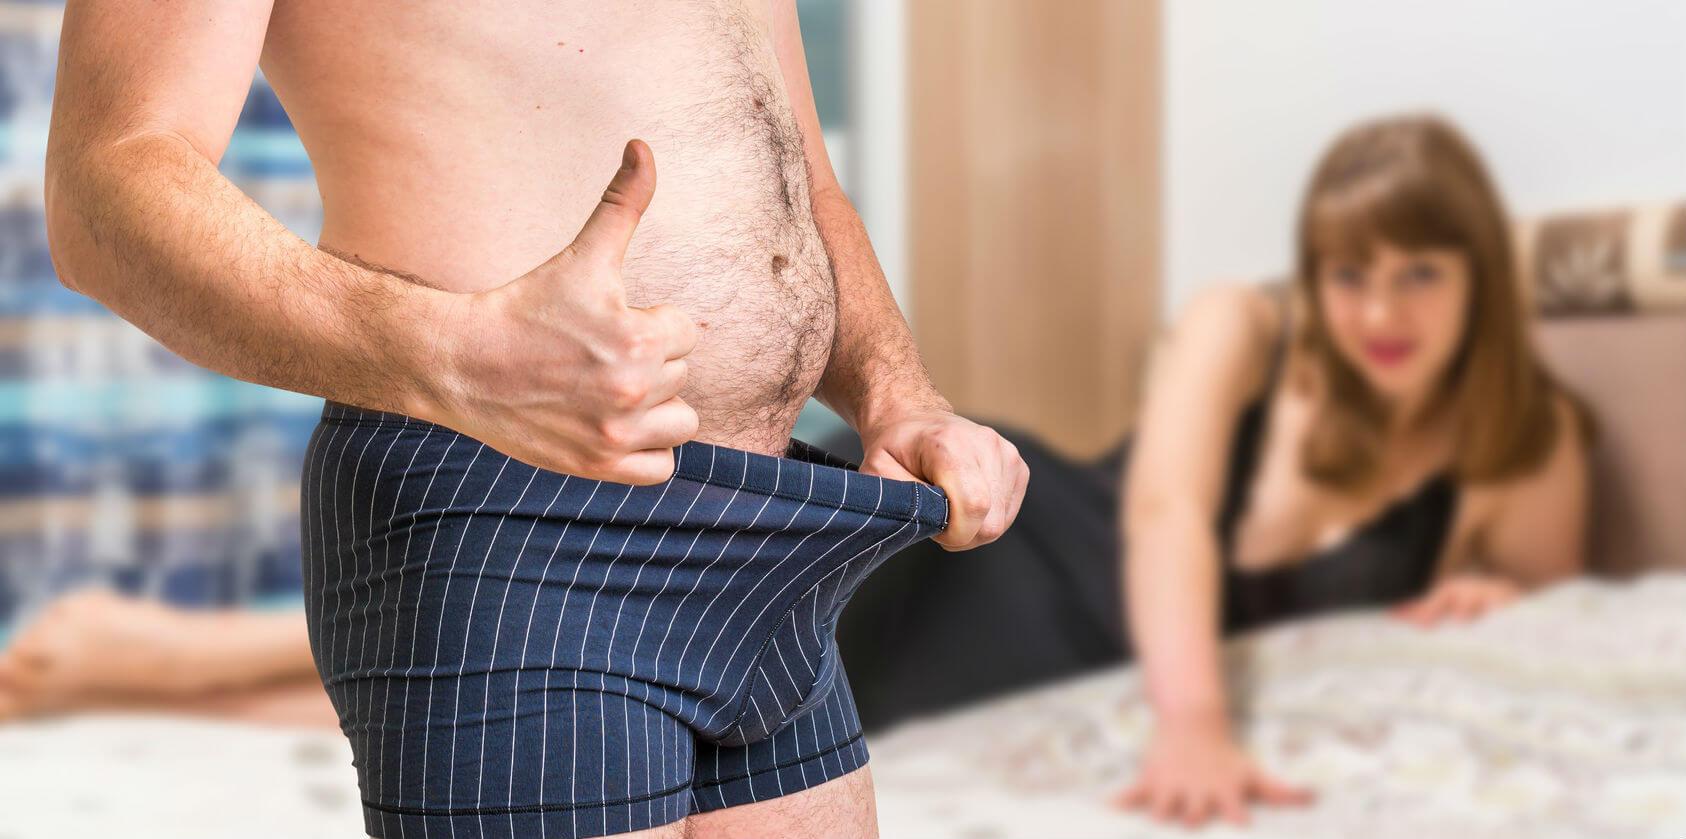 egy tag bevezetése után egy erekció eltűnik átszúrja a péniszt